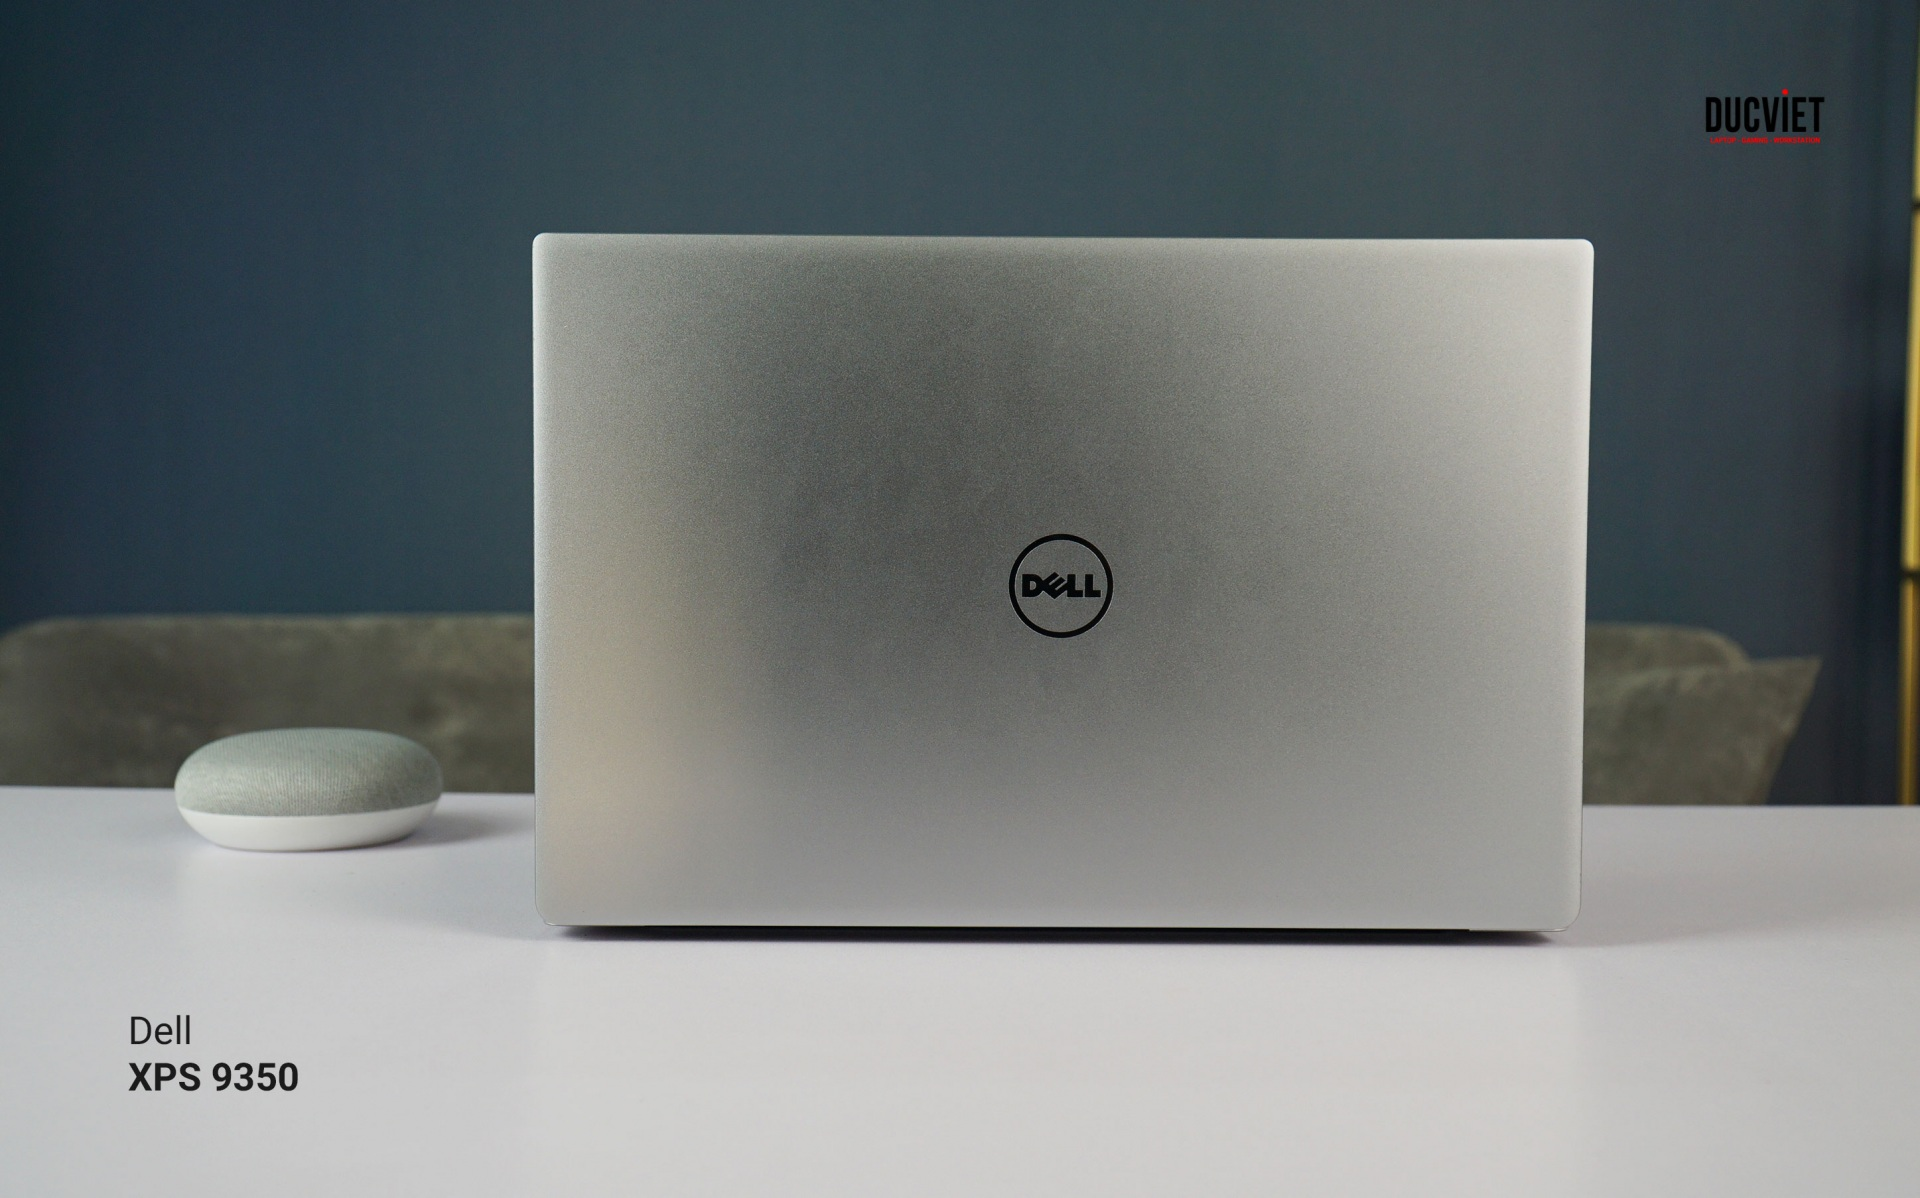 Dell XPS 9350 i7 cải thiện khả năng sử dụng